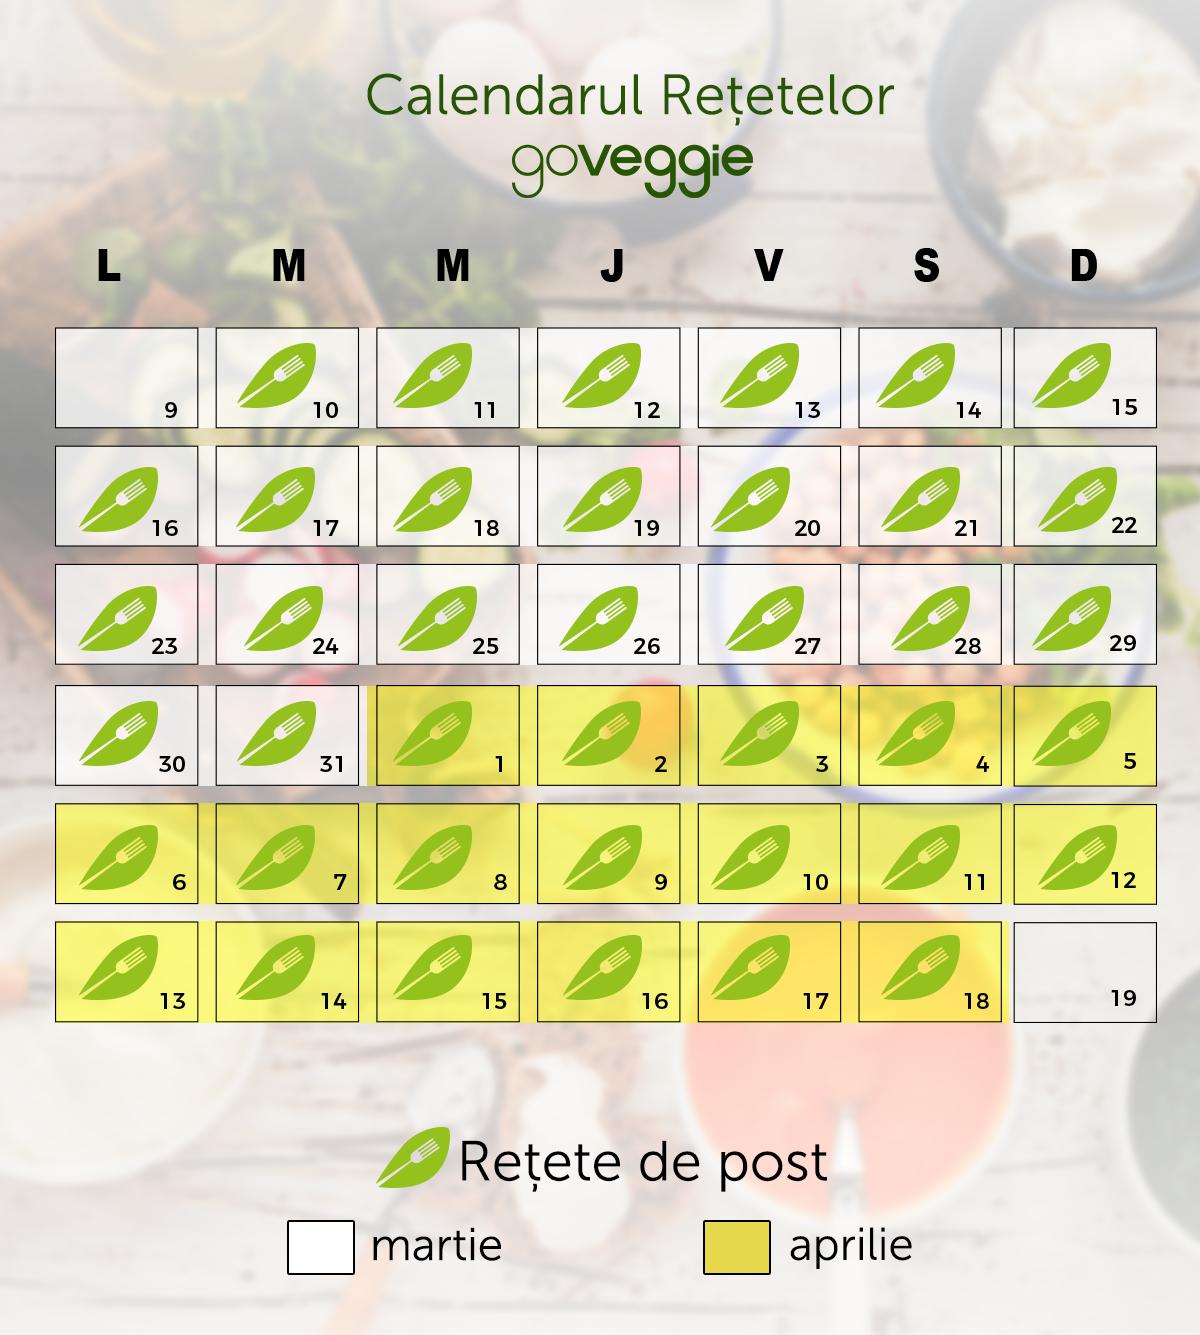 Calendar retete de post GoVeggie 2020